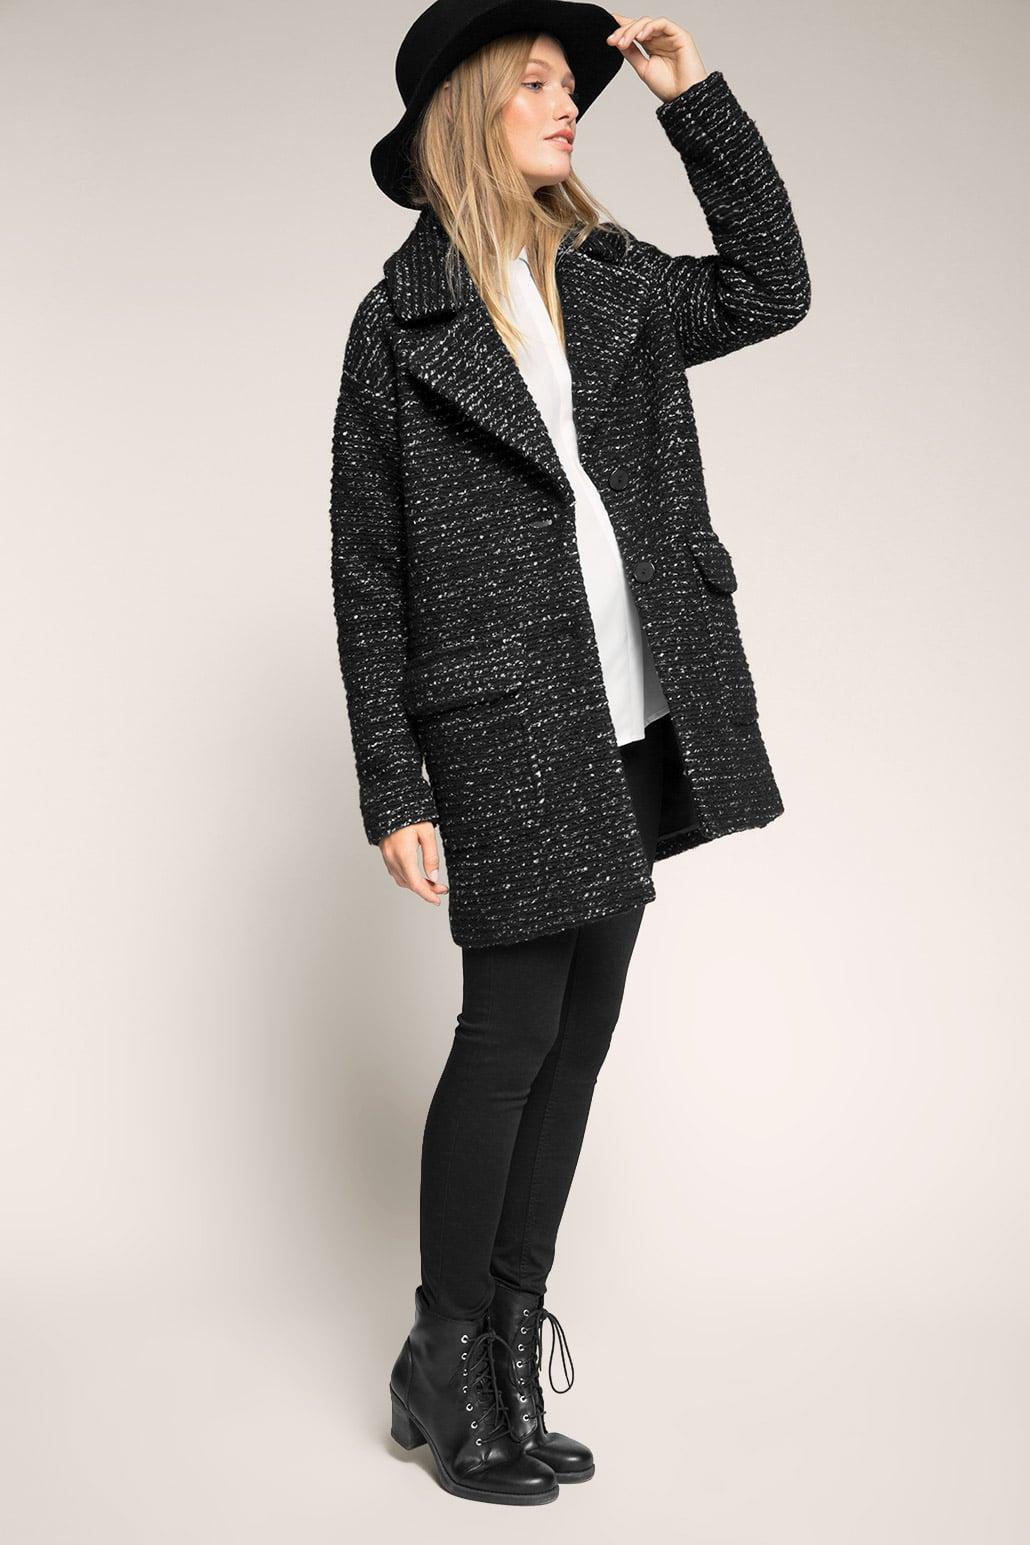 Le meilleur de l'hiver, le manteau en laine